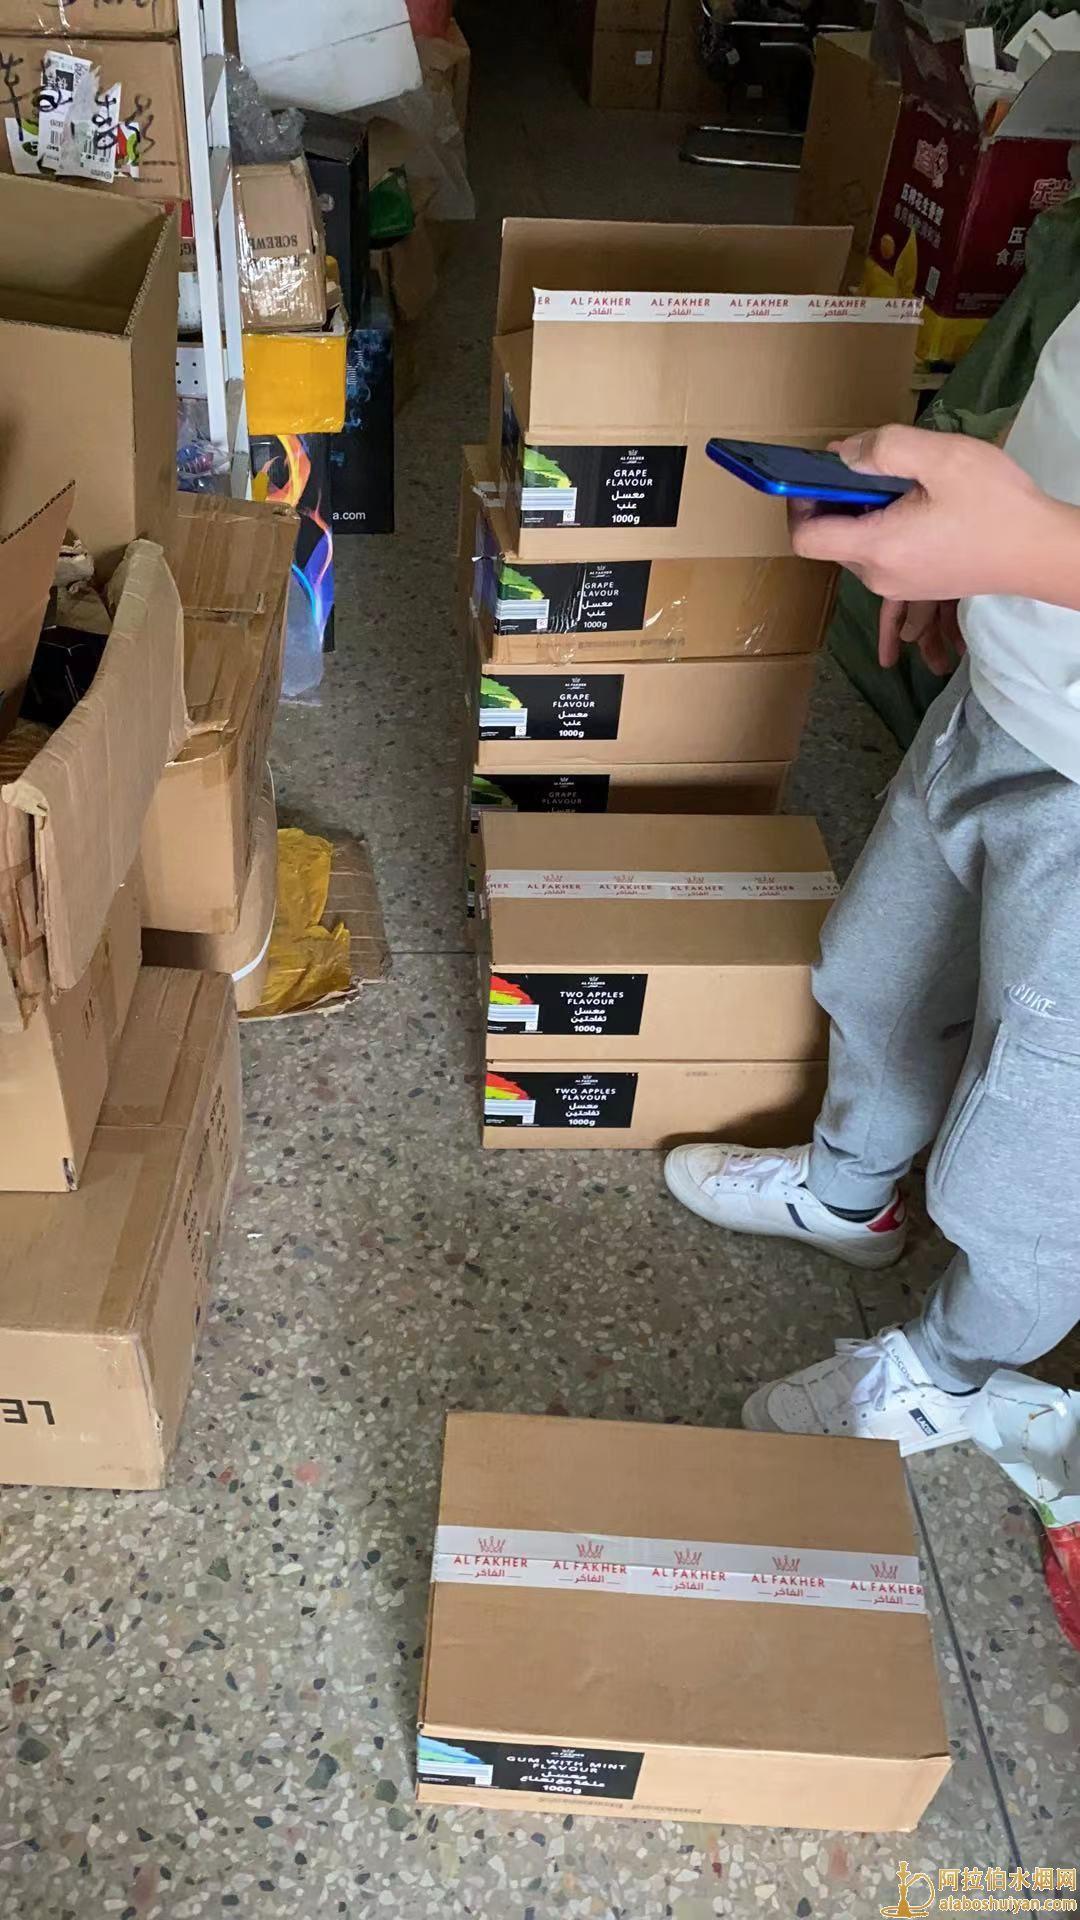 进口阿尔法赫1千克葡萄双苹果口香糖薄荷发货100公斤